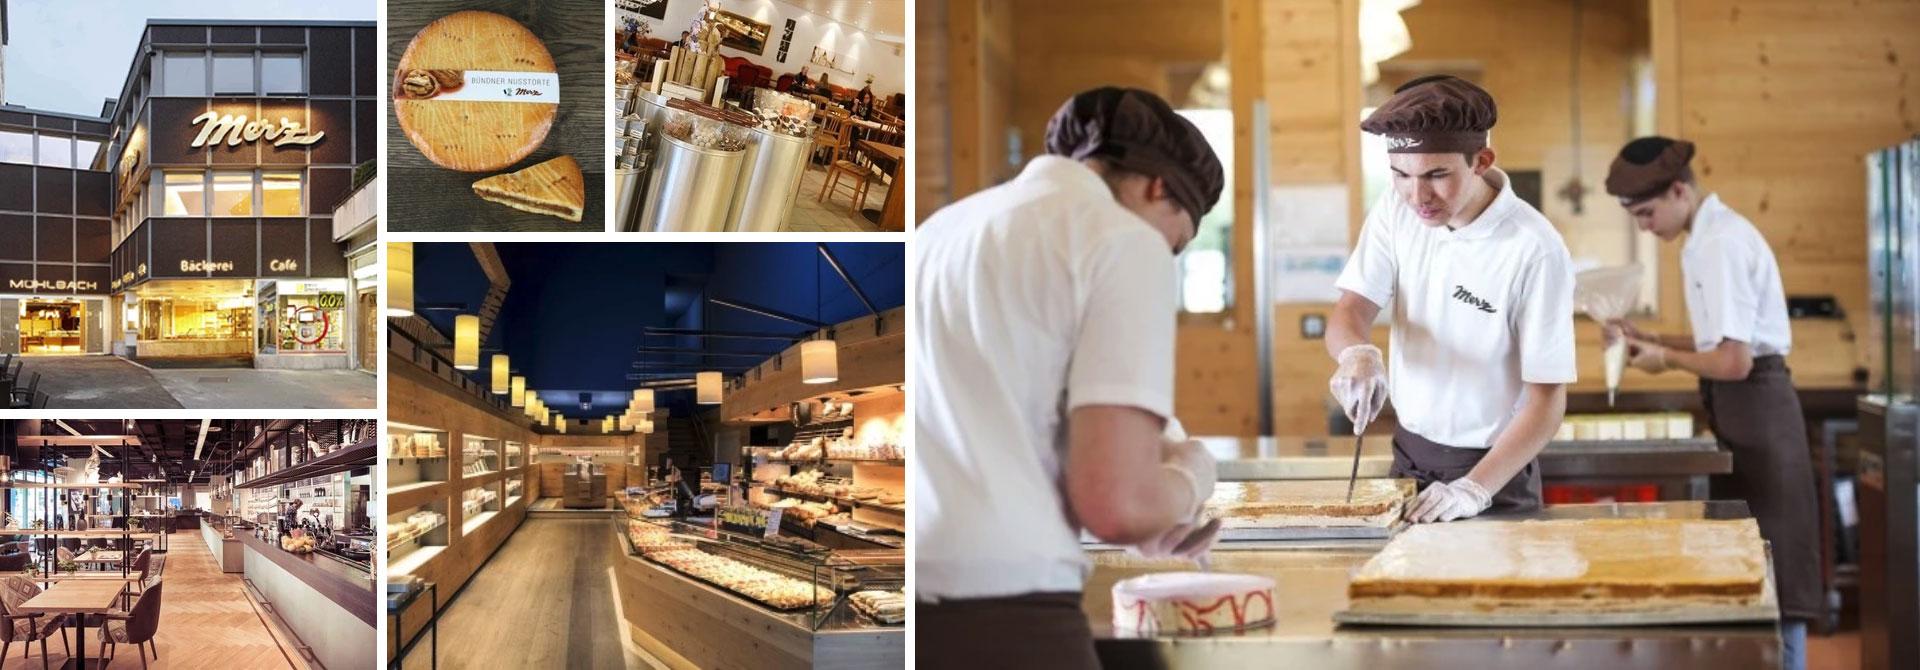 Bäckerei Merz